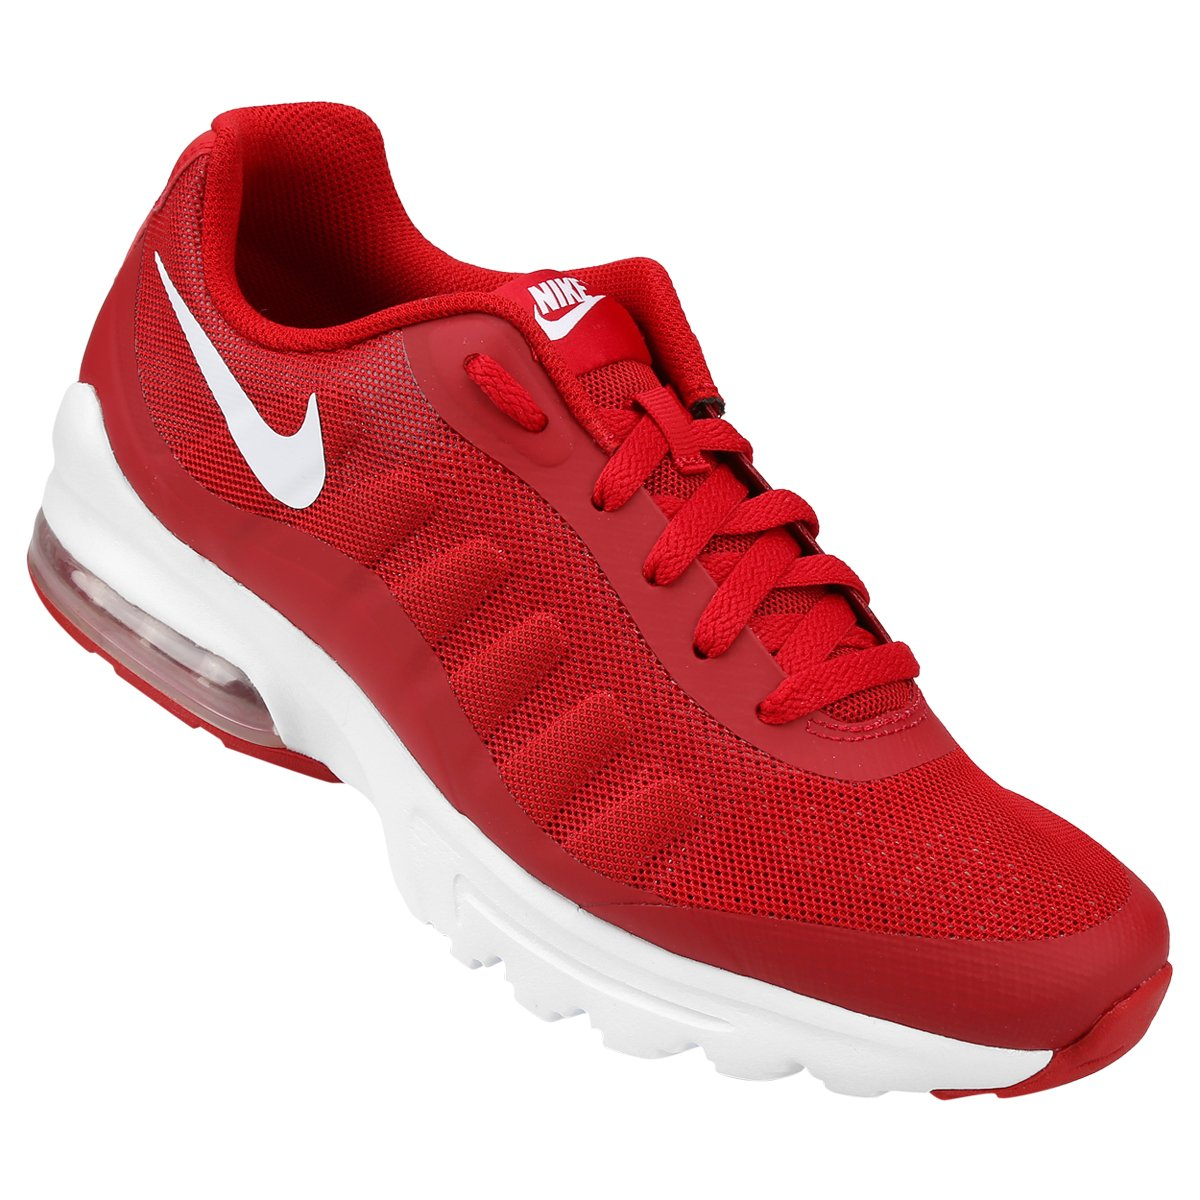 hot sale online 1dd00 ab322 Tênis Nike Air Max Invigor Masculino - Vermelho e Branco - Compre Agora   Shop Timão